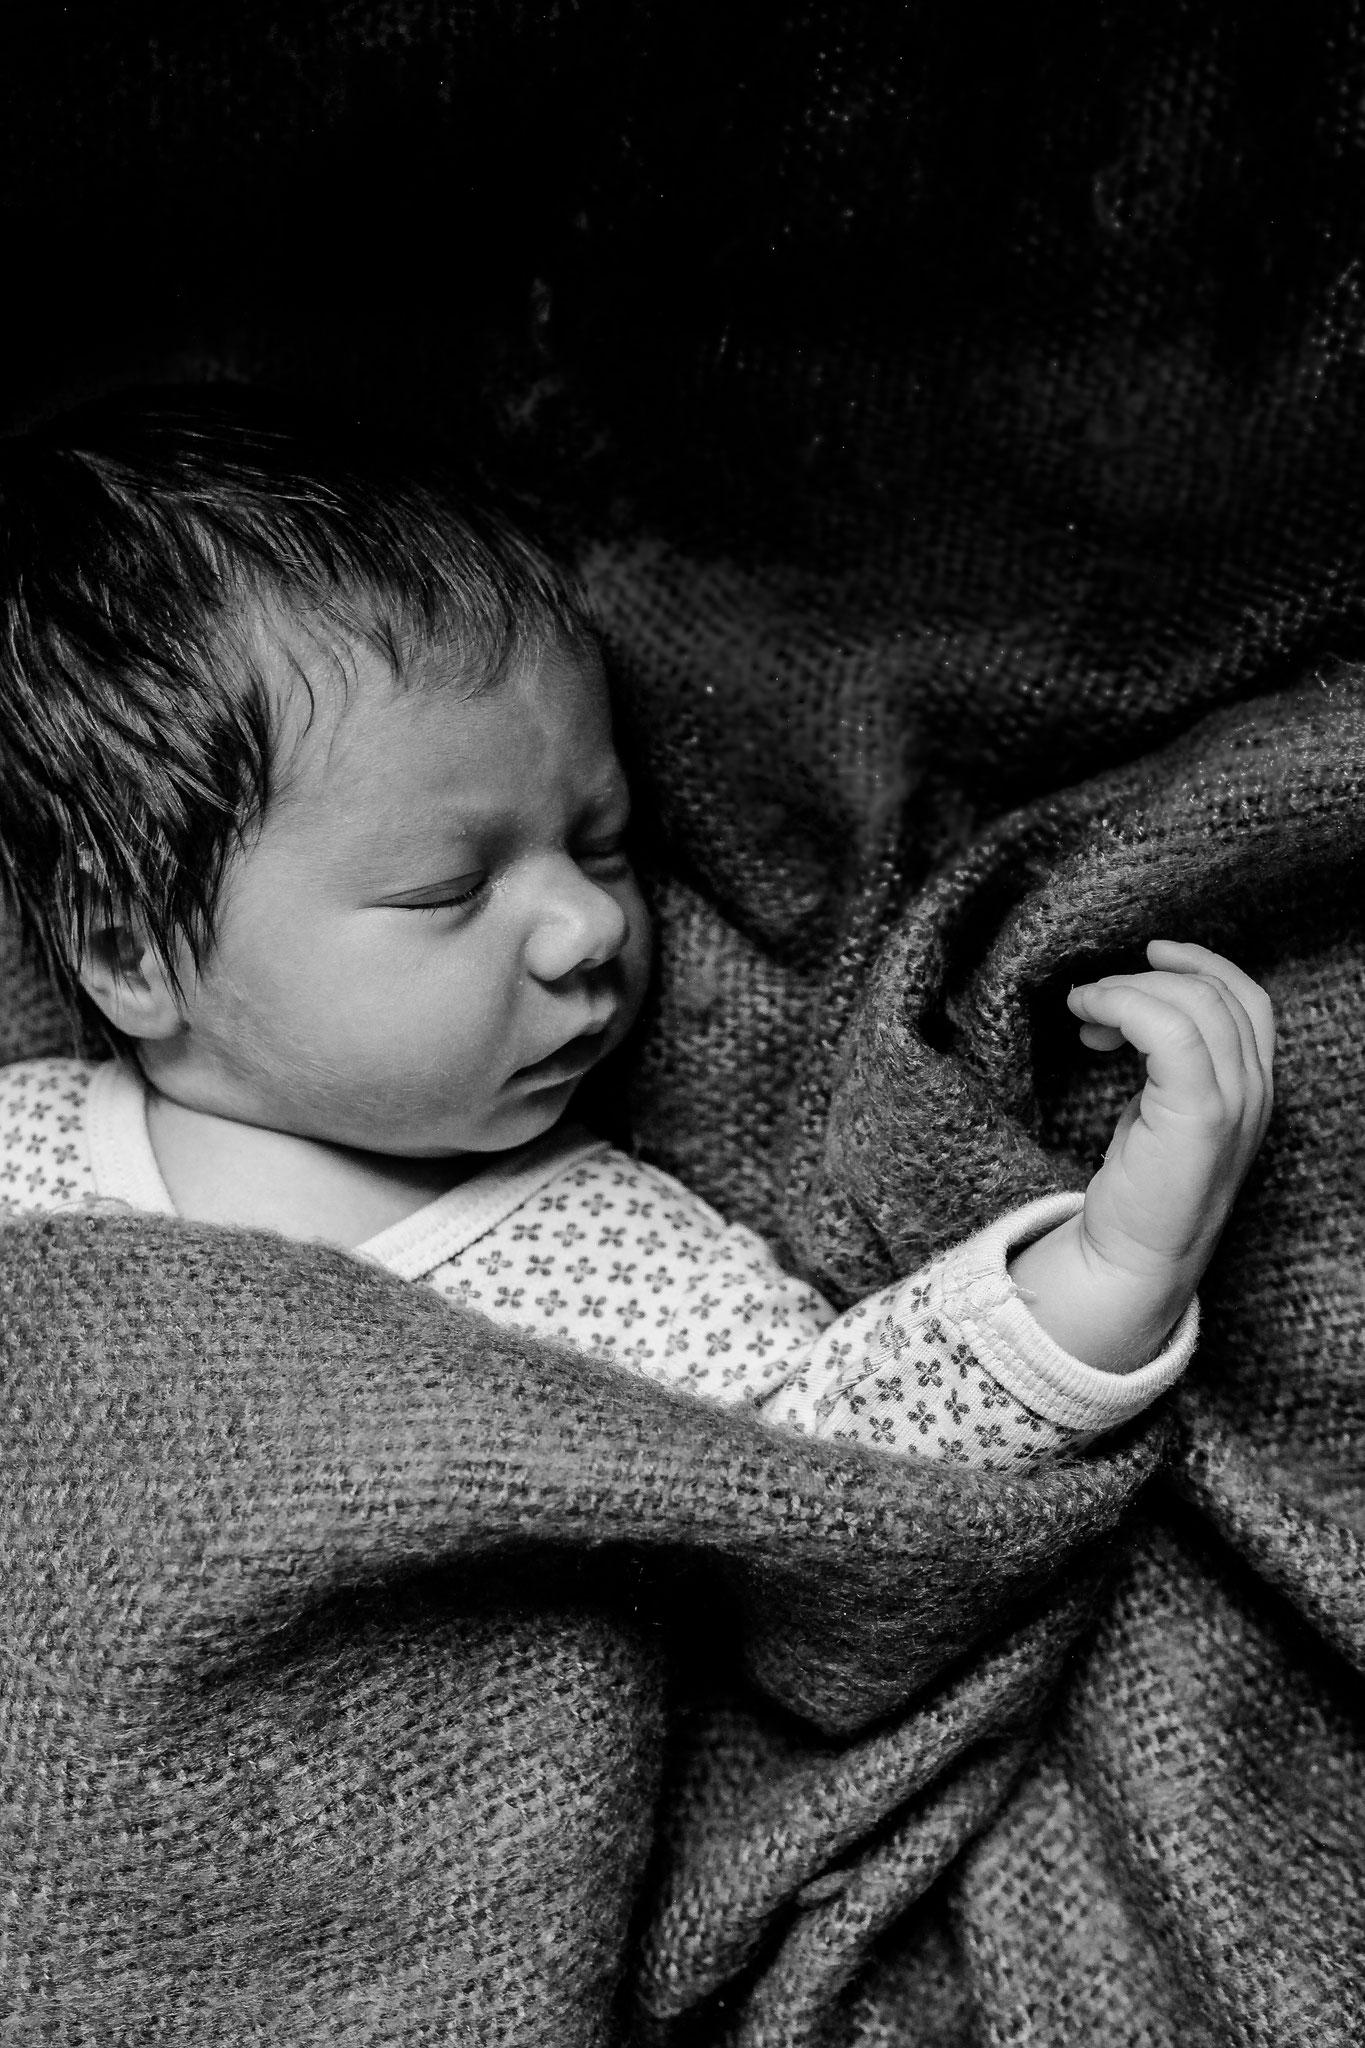 Newbornfotografie | Newbornshooting | Babyfotos | Homestory | Babyshooting | Portraitfotografin Rebecca Adloff | Familienfotos |Ruhrgebiet, Essen, Bochum, Düsseldorf, Köln, NRW, Deutschland, Simmern